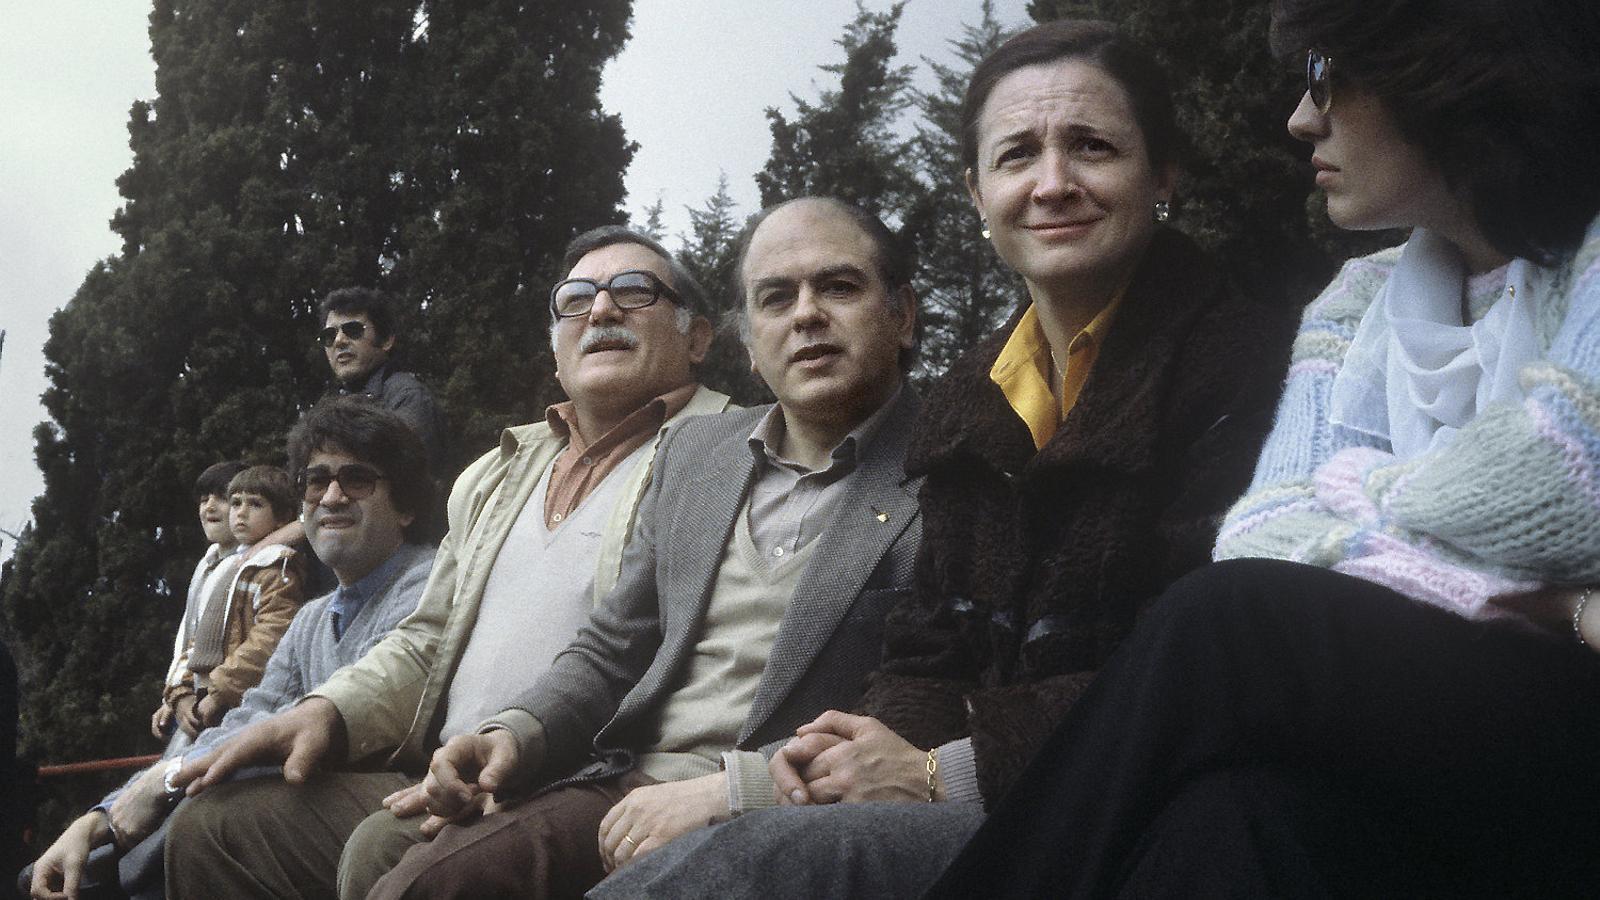 Jordi Pujol  i Marta Ferrusola veient un partit de rugbi a Premià de Dalt en què jugaven alguns dels seus fills l'any 1980.